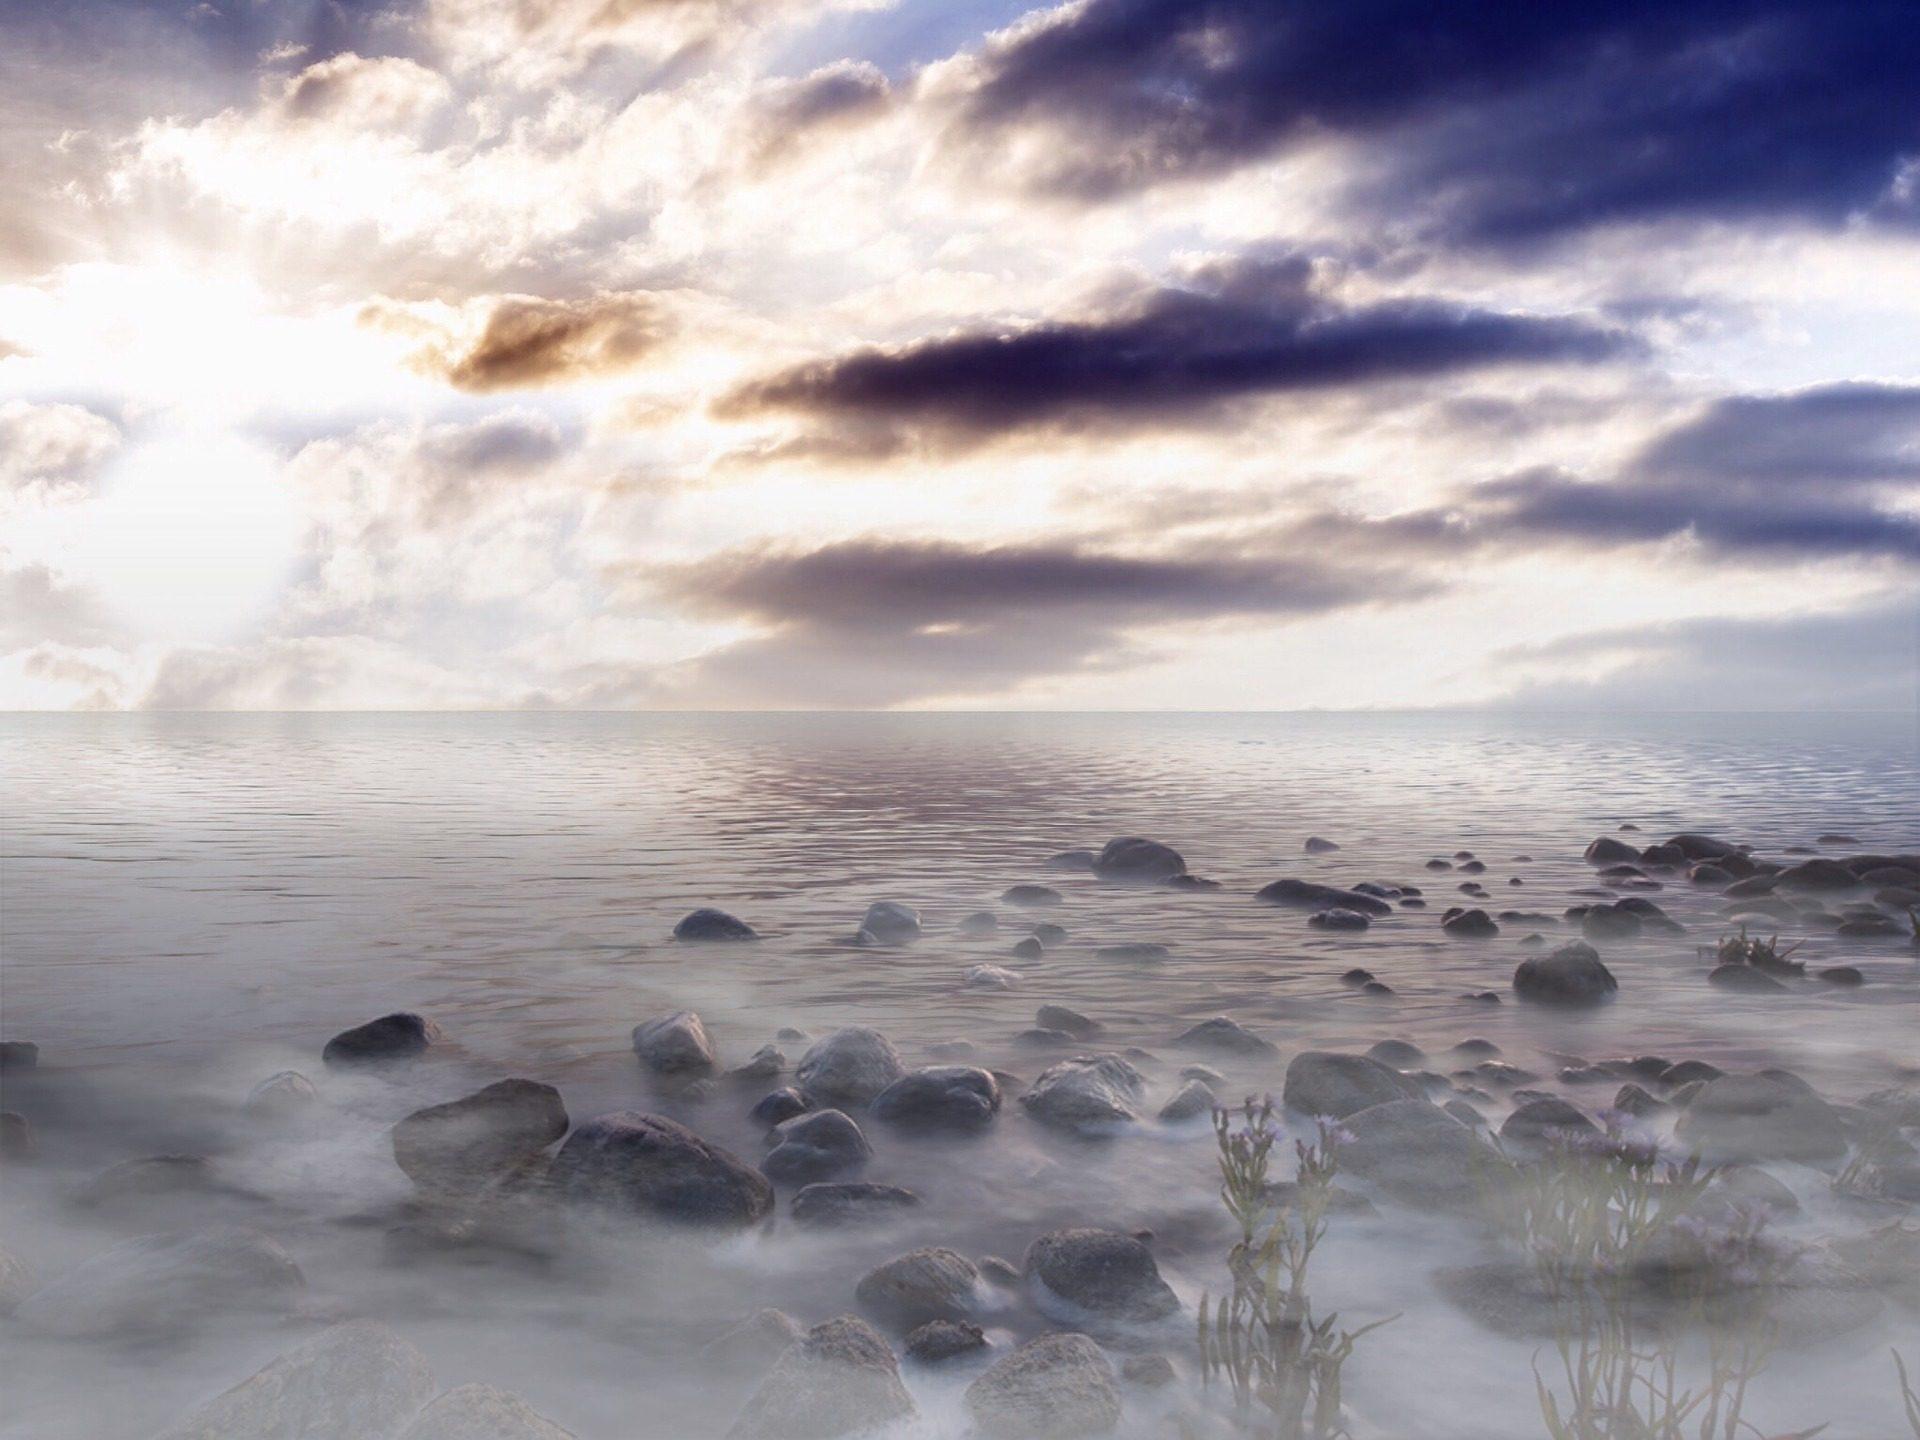 Θάλασσα, πέτρες, σύννεφα, ομίχλη, Κυρ, ακτίνες - Wallpapers HD - Professor-falken.com